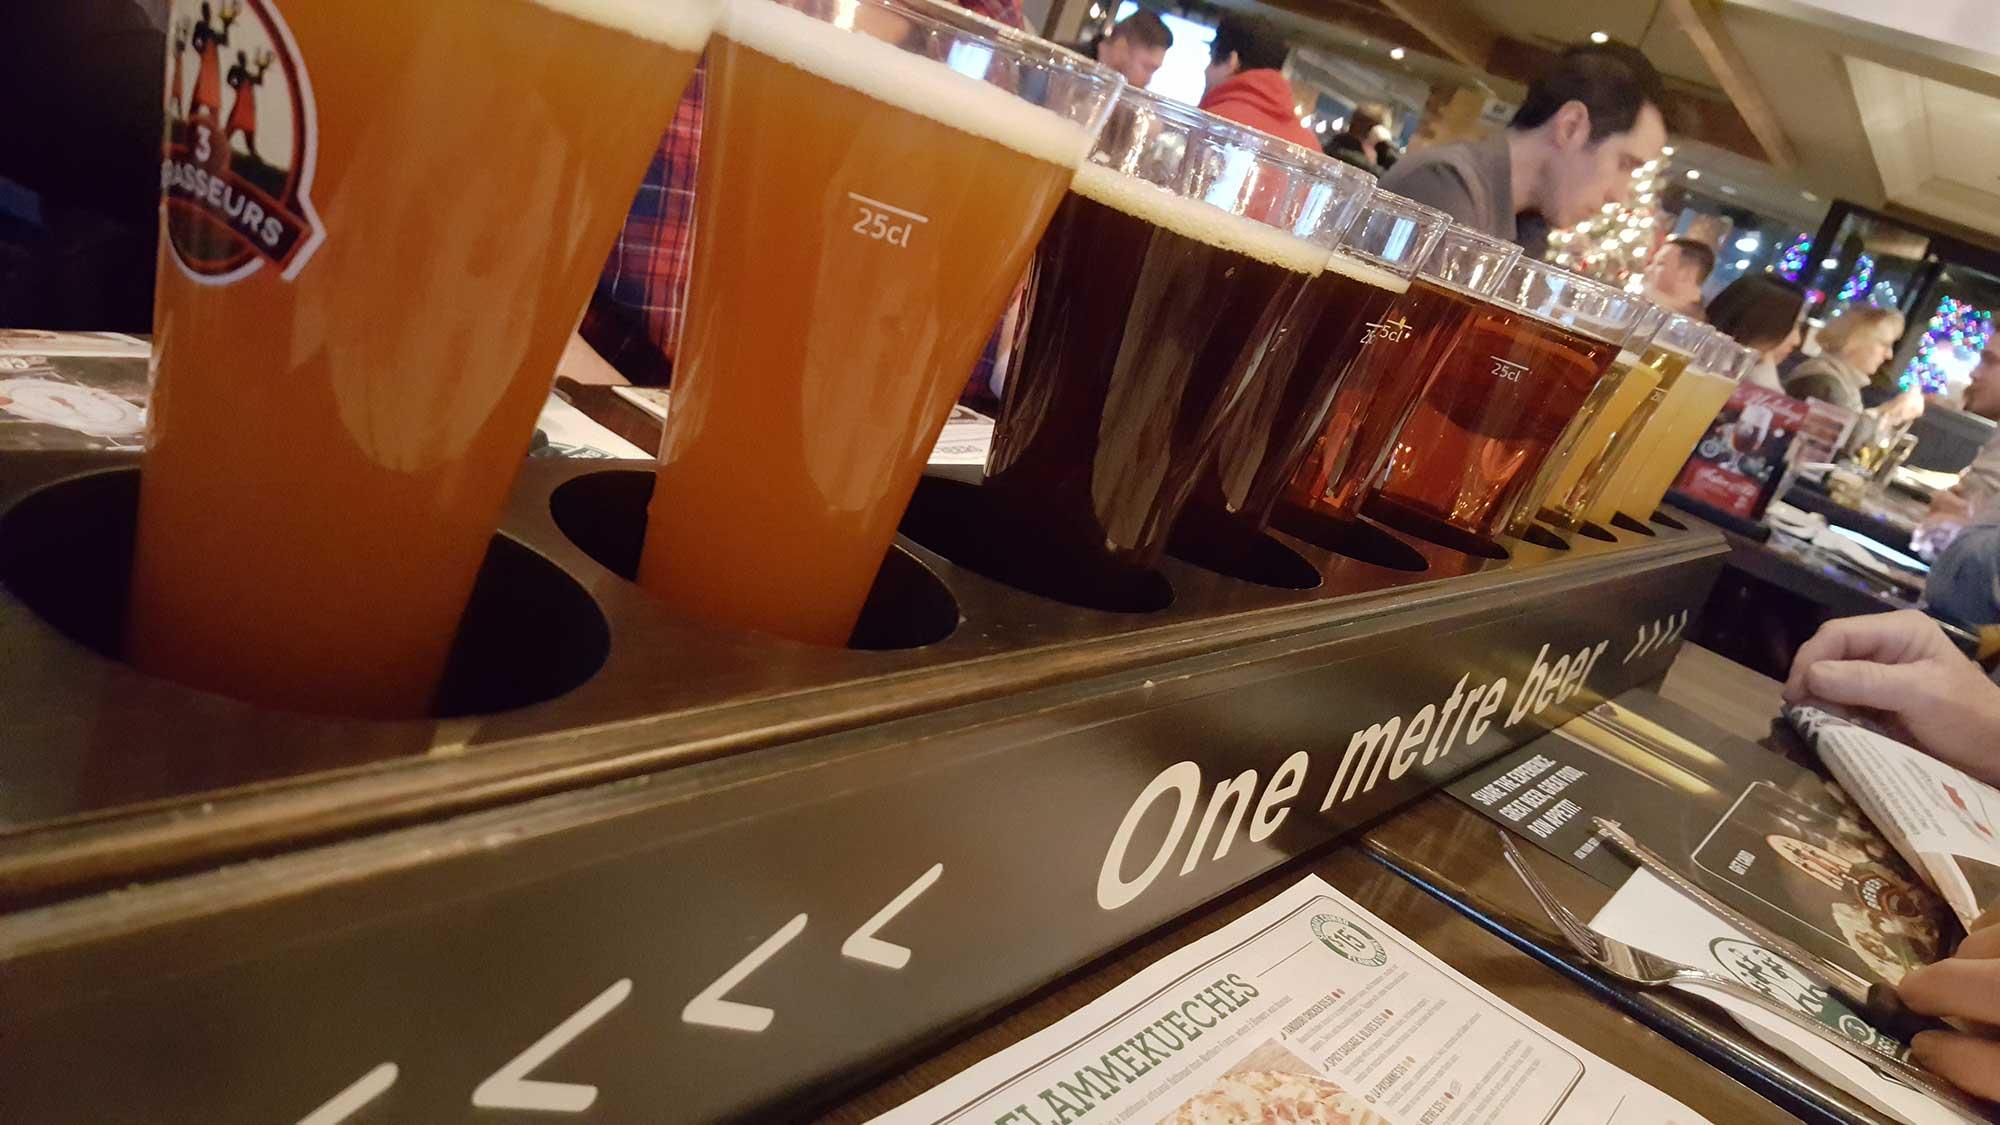 3 Brewers ARCC Pub Night